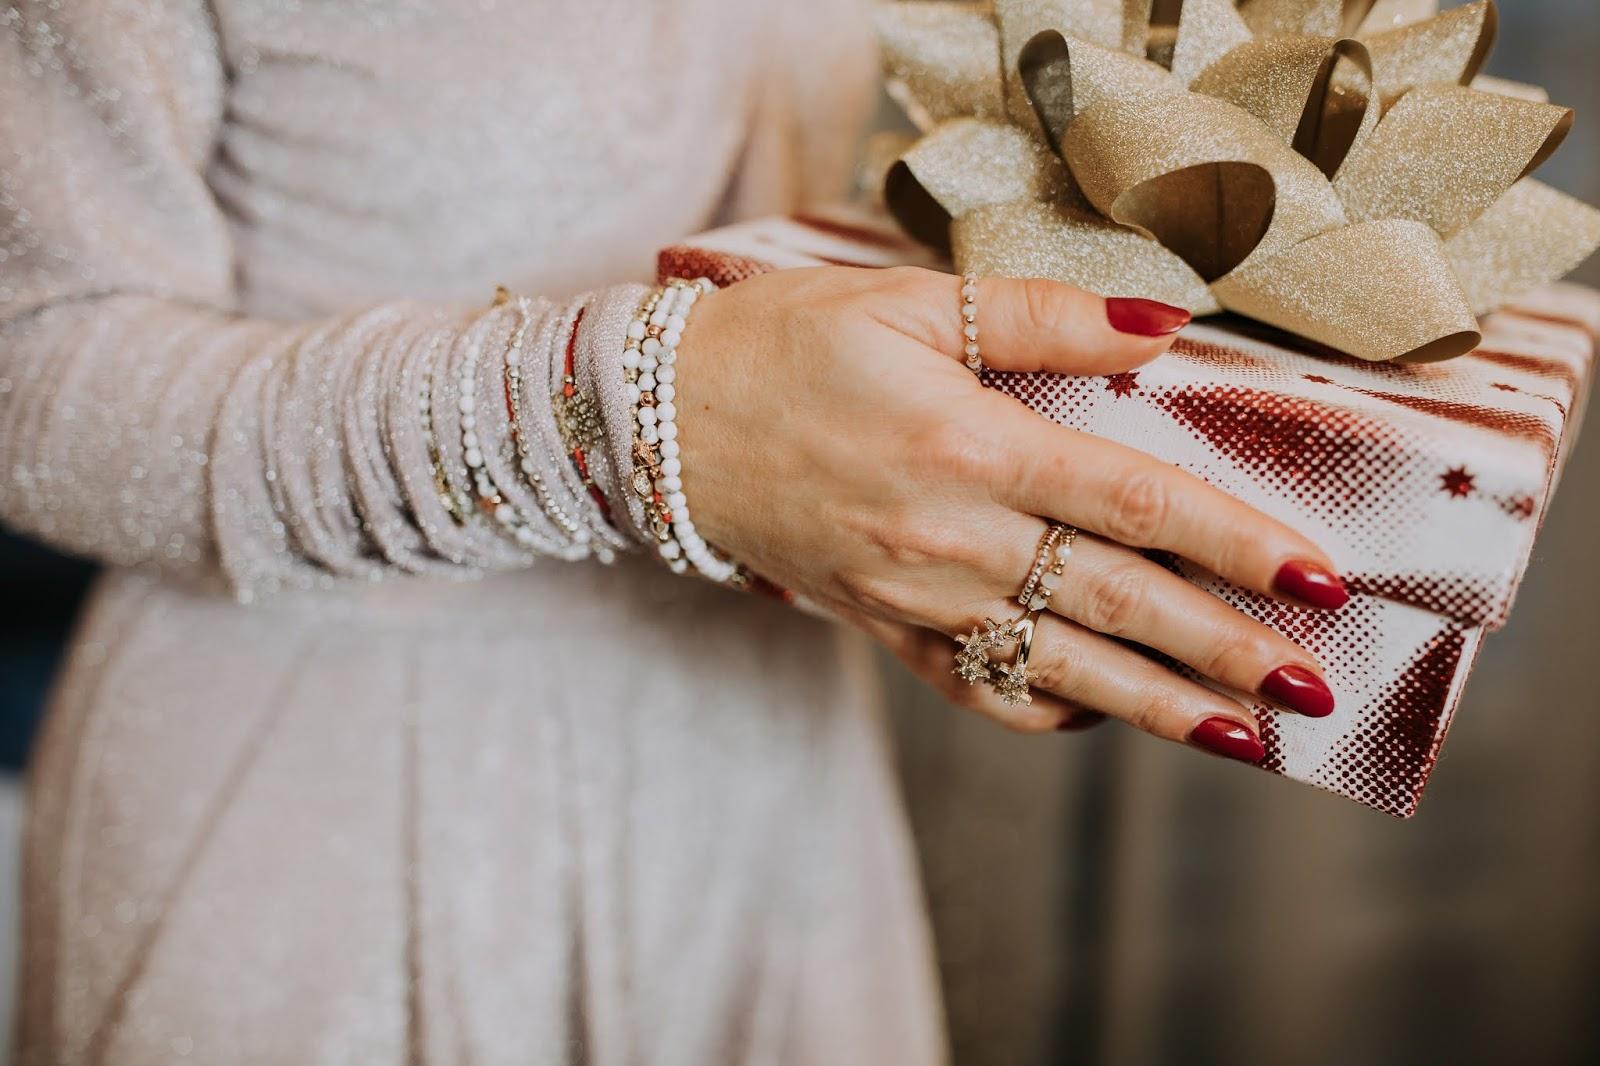 biżuteria ByDziubeka